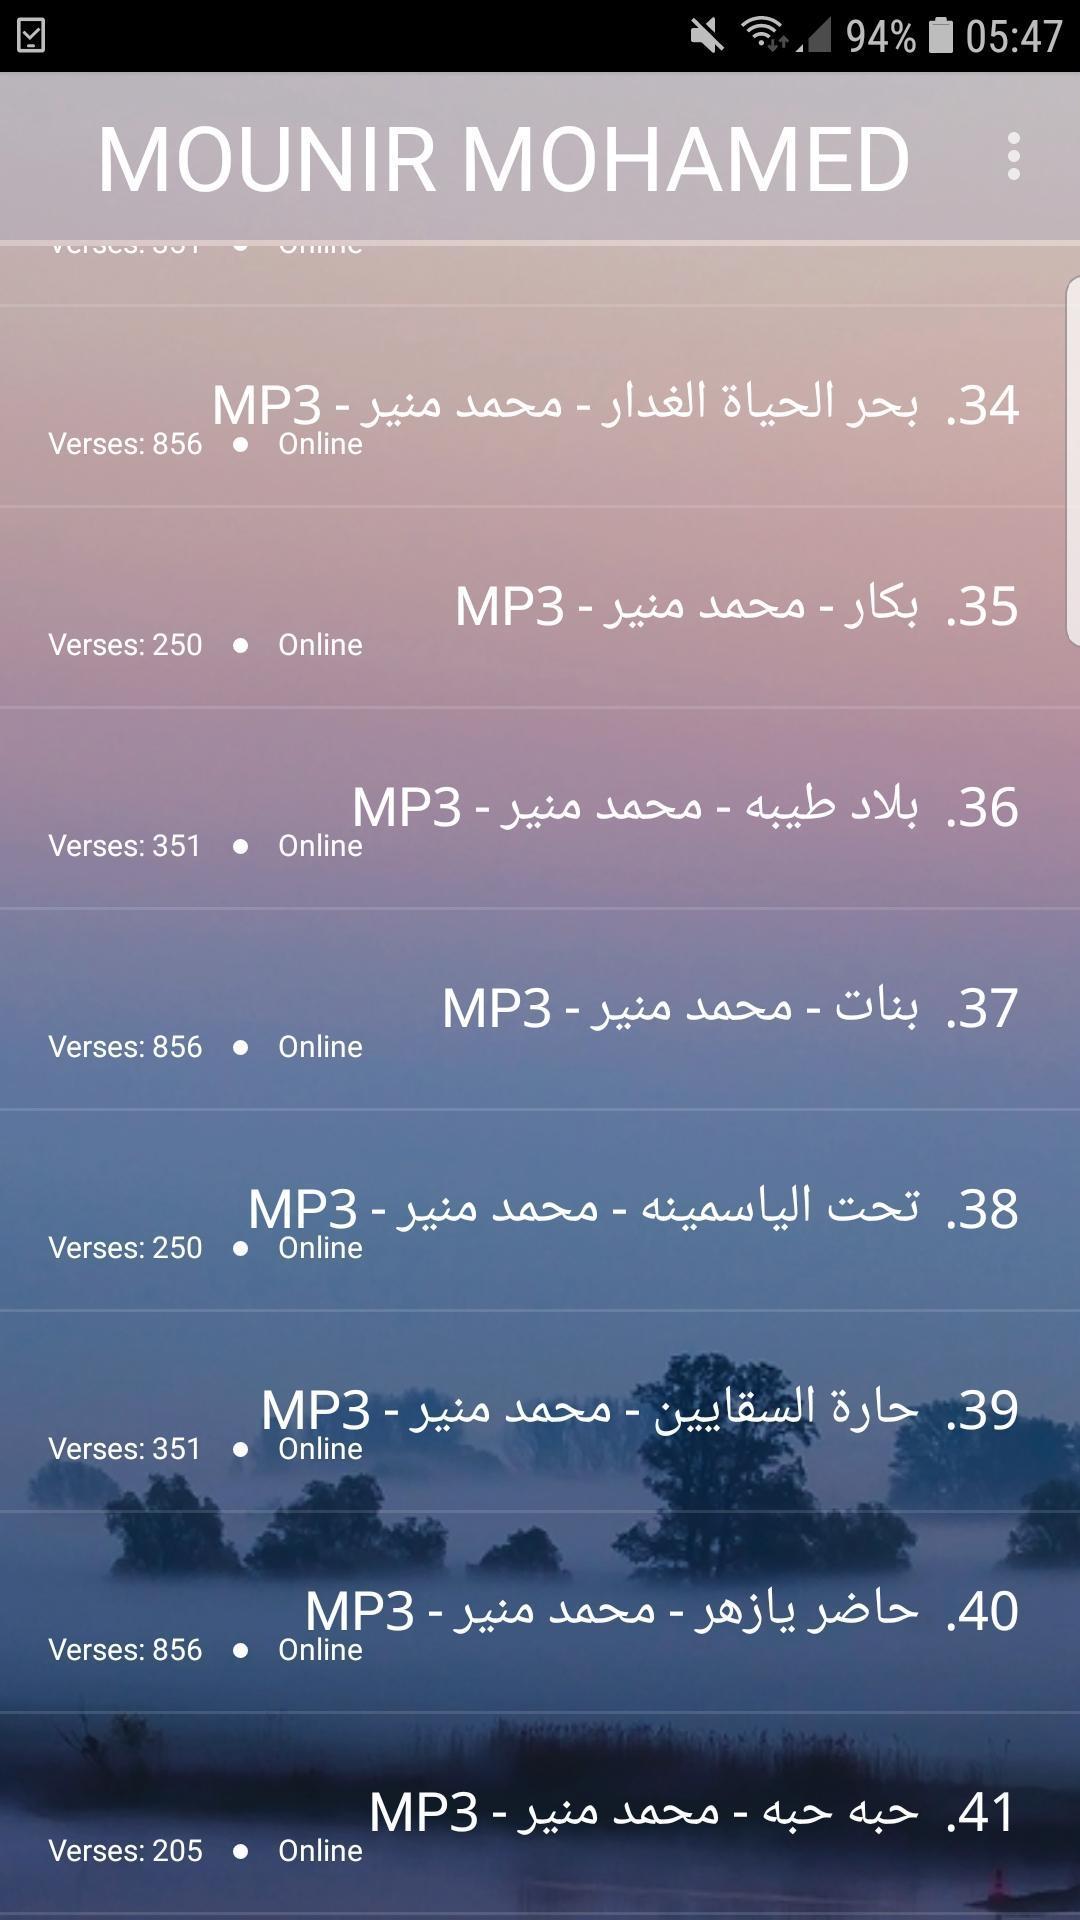 تحميل جميع اغانى الكينج محمد منير mp3